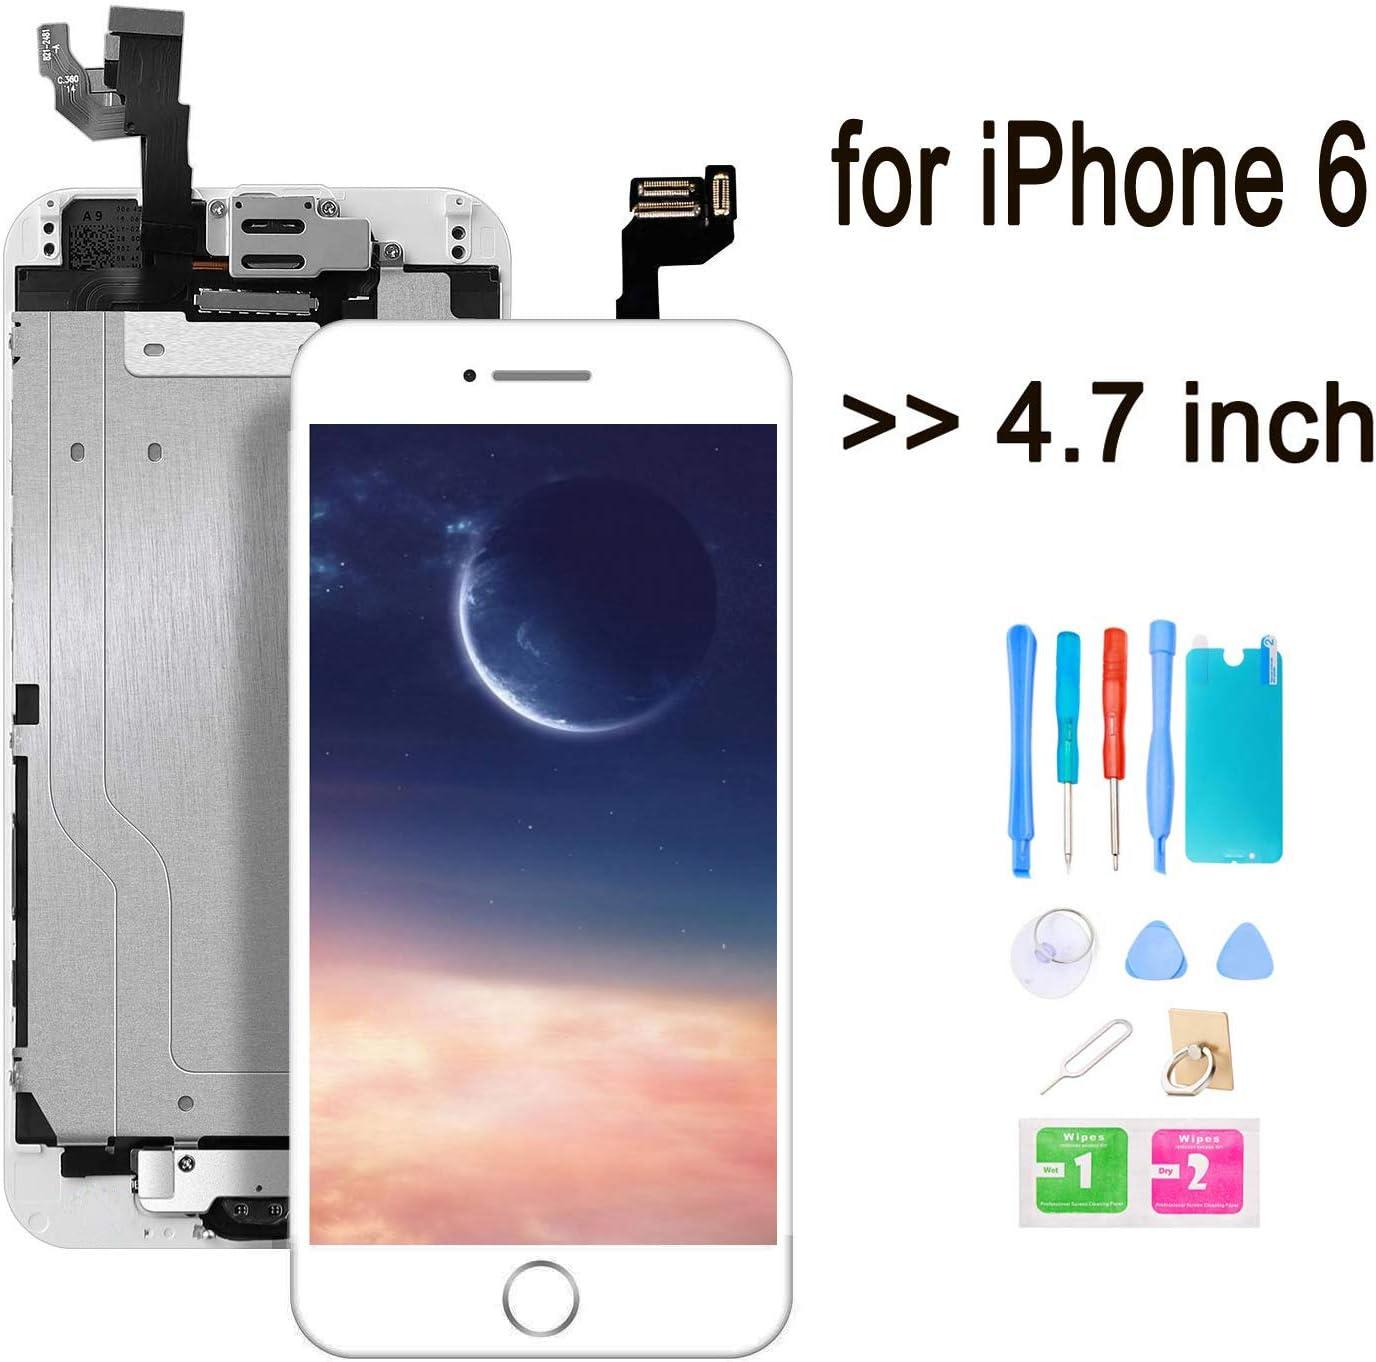 GLOBAL GOLDEN /écran pour iPhone 6 LCD de Remplacement Complet Noir avec Bouton Home /Écouteur Interne Cam/éra De Face et La Outils+Protection ecran